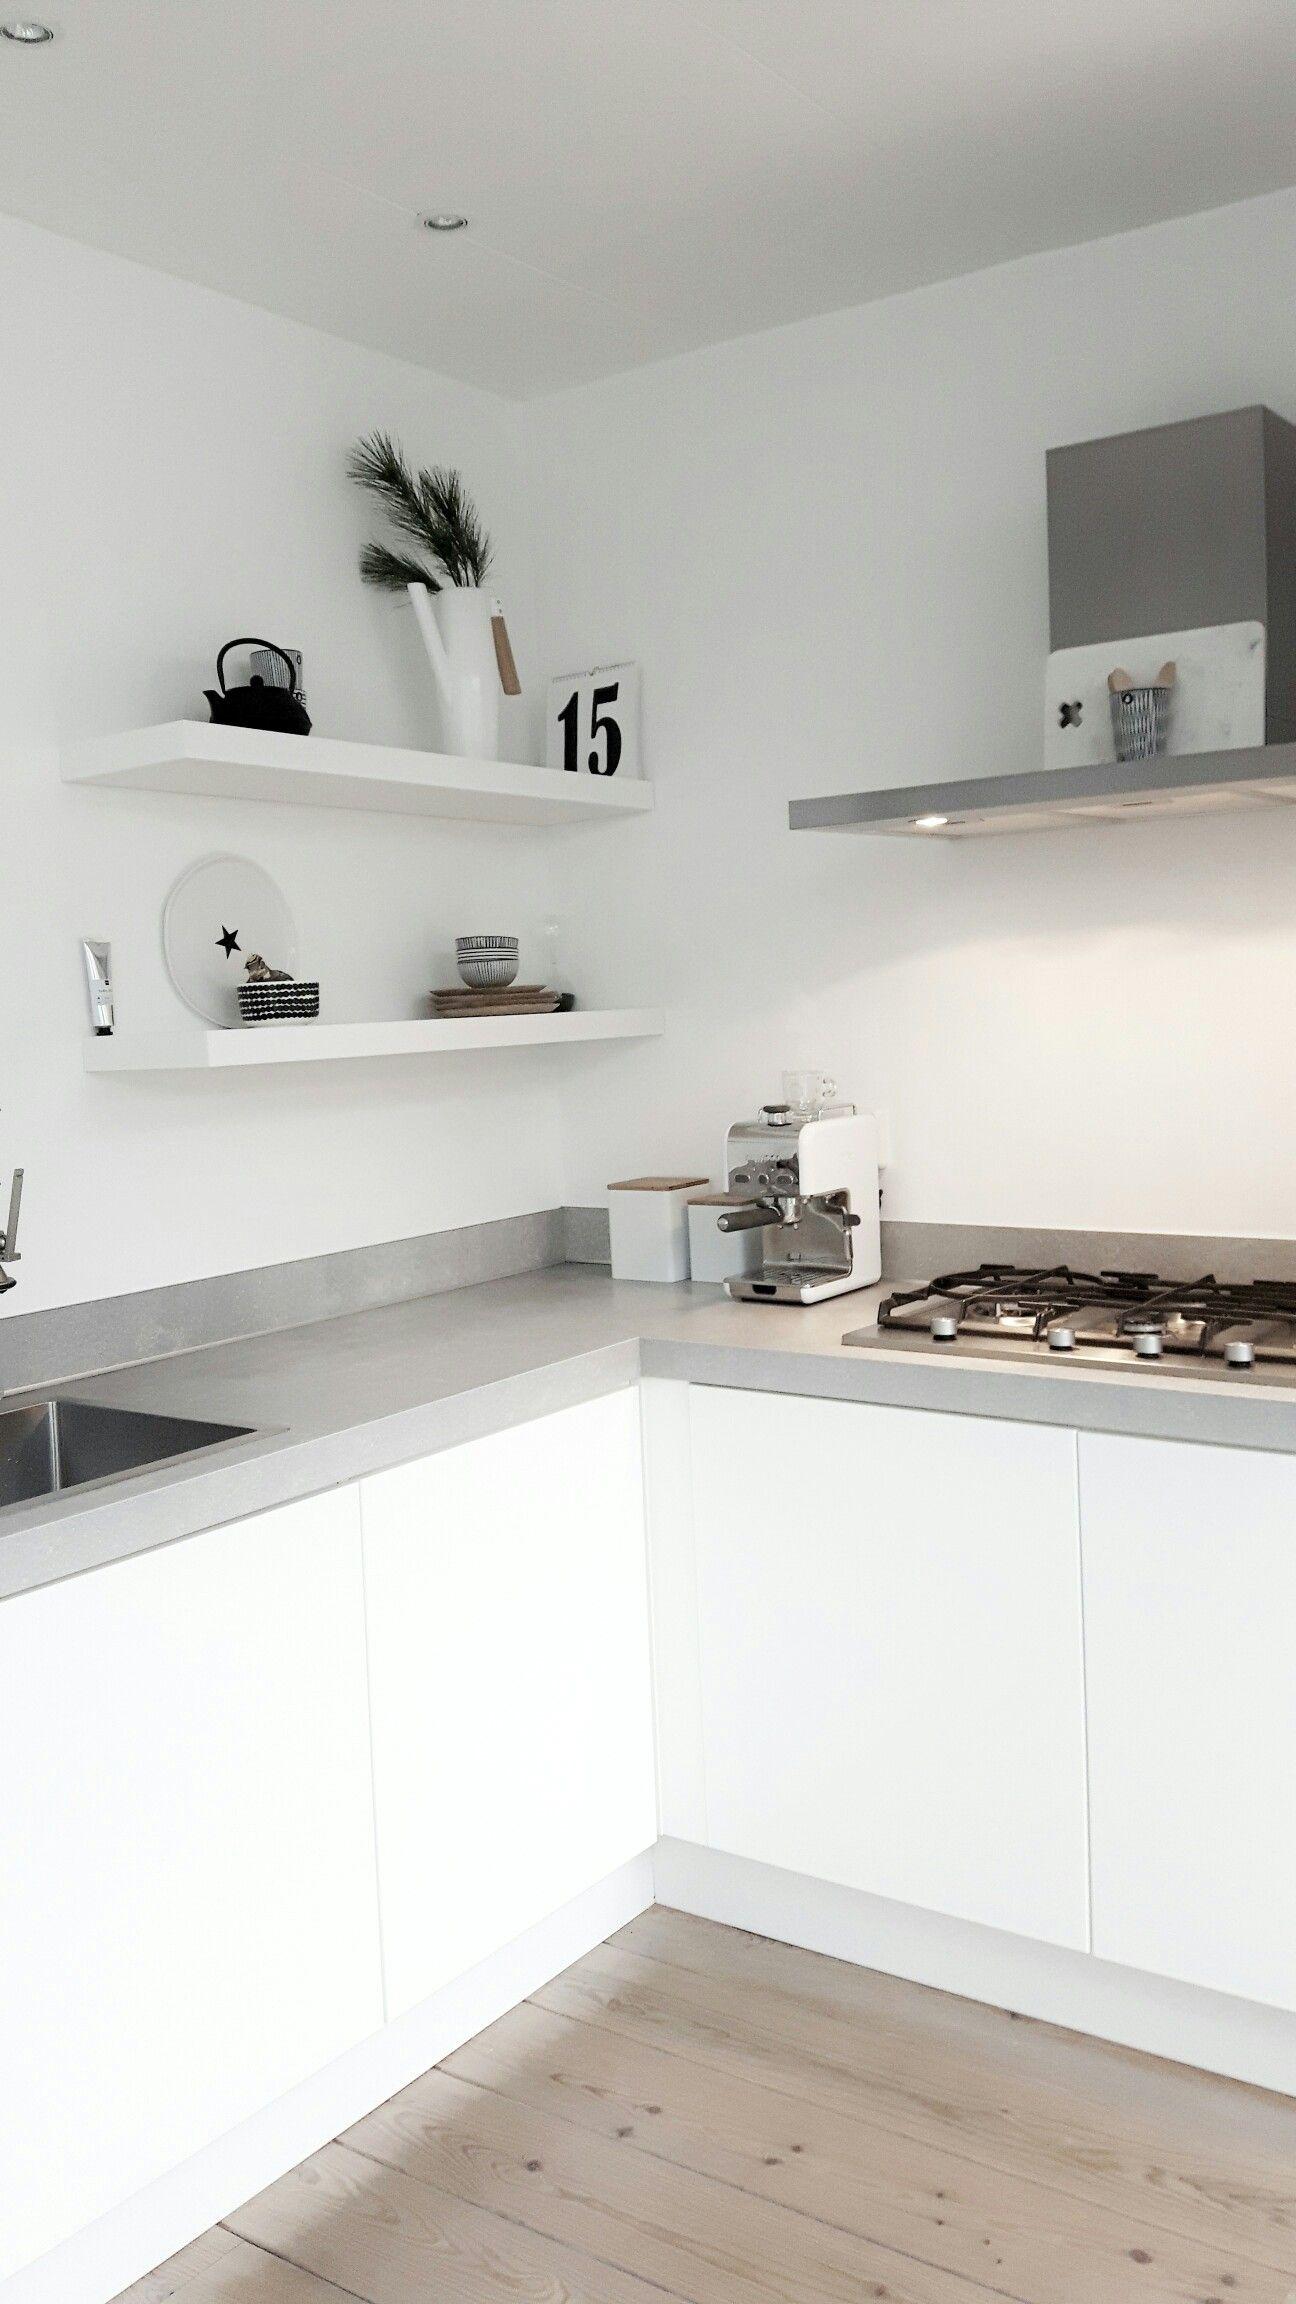 my ikea kitchen kitchen pinterest wohnung k che ikea k che und k chen ideen. Black Bedroom Furniture Sets. Home Design Ideas